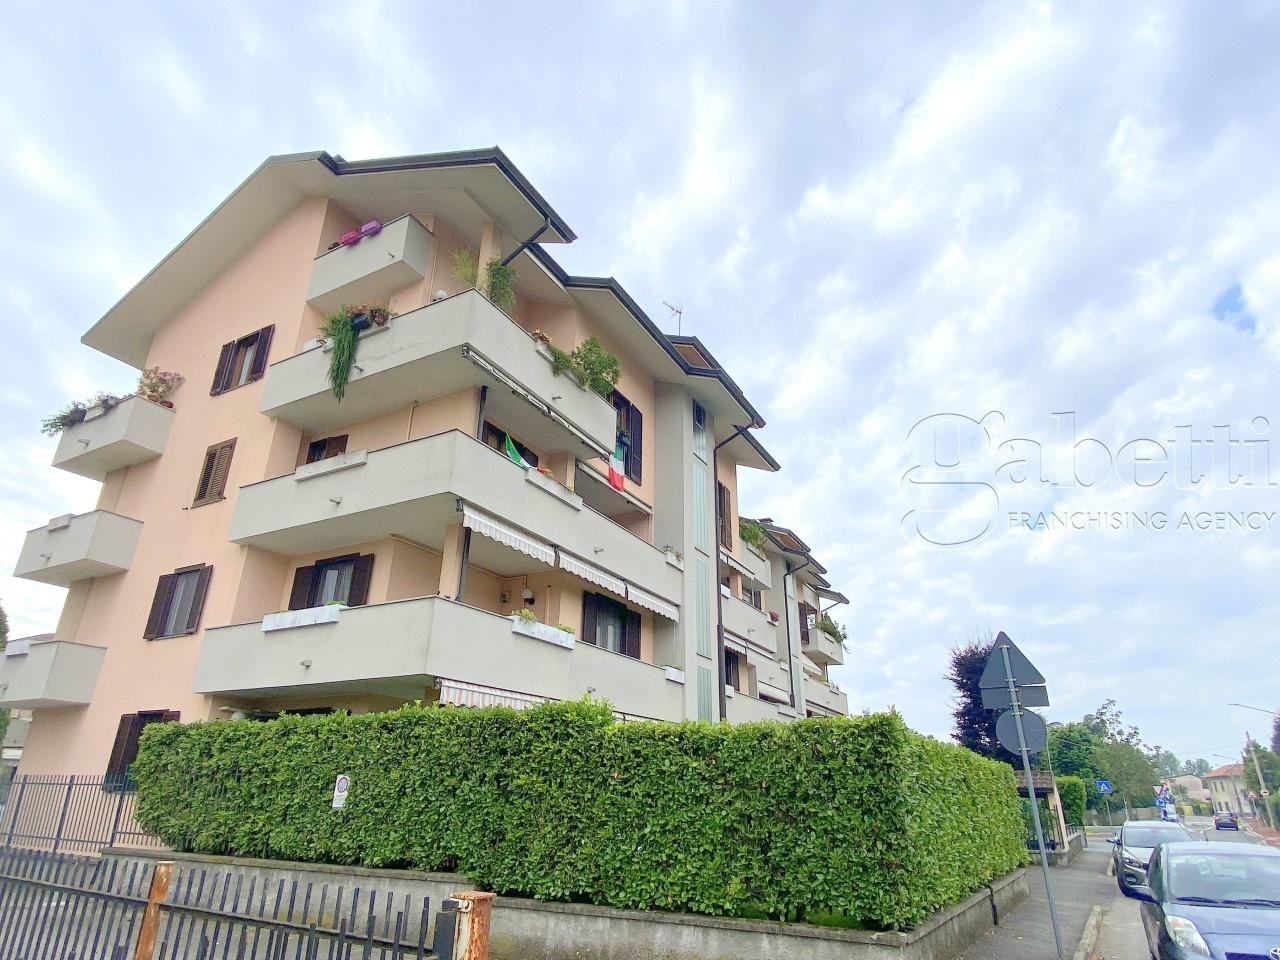 Appartamento in vendita a Pogliano Milanese, 3 locali, prezzo € 179.000 | PortaleAgenzieImmobiliari.it